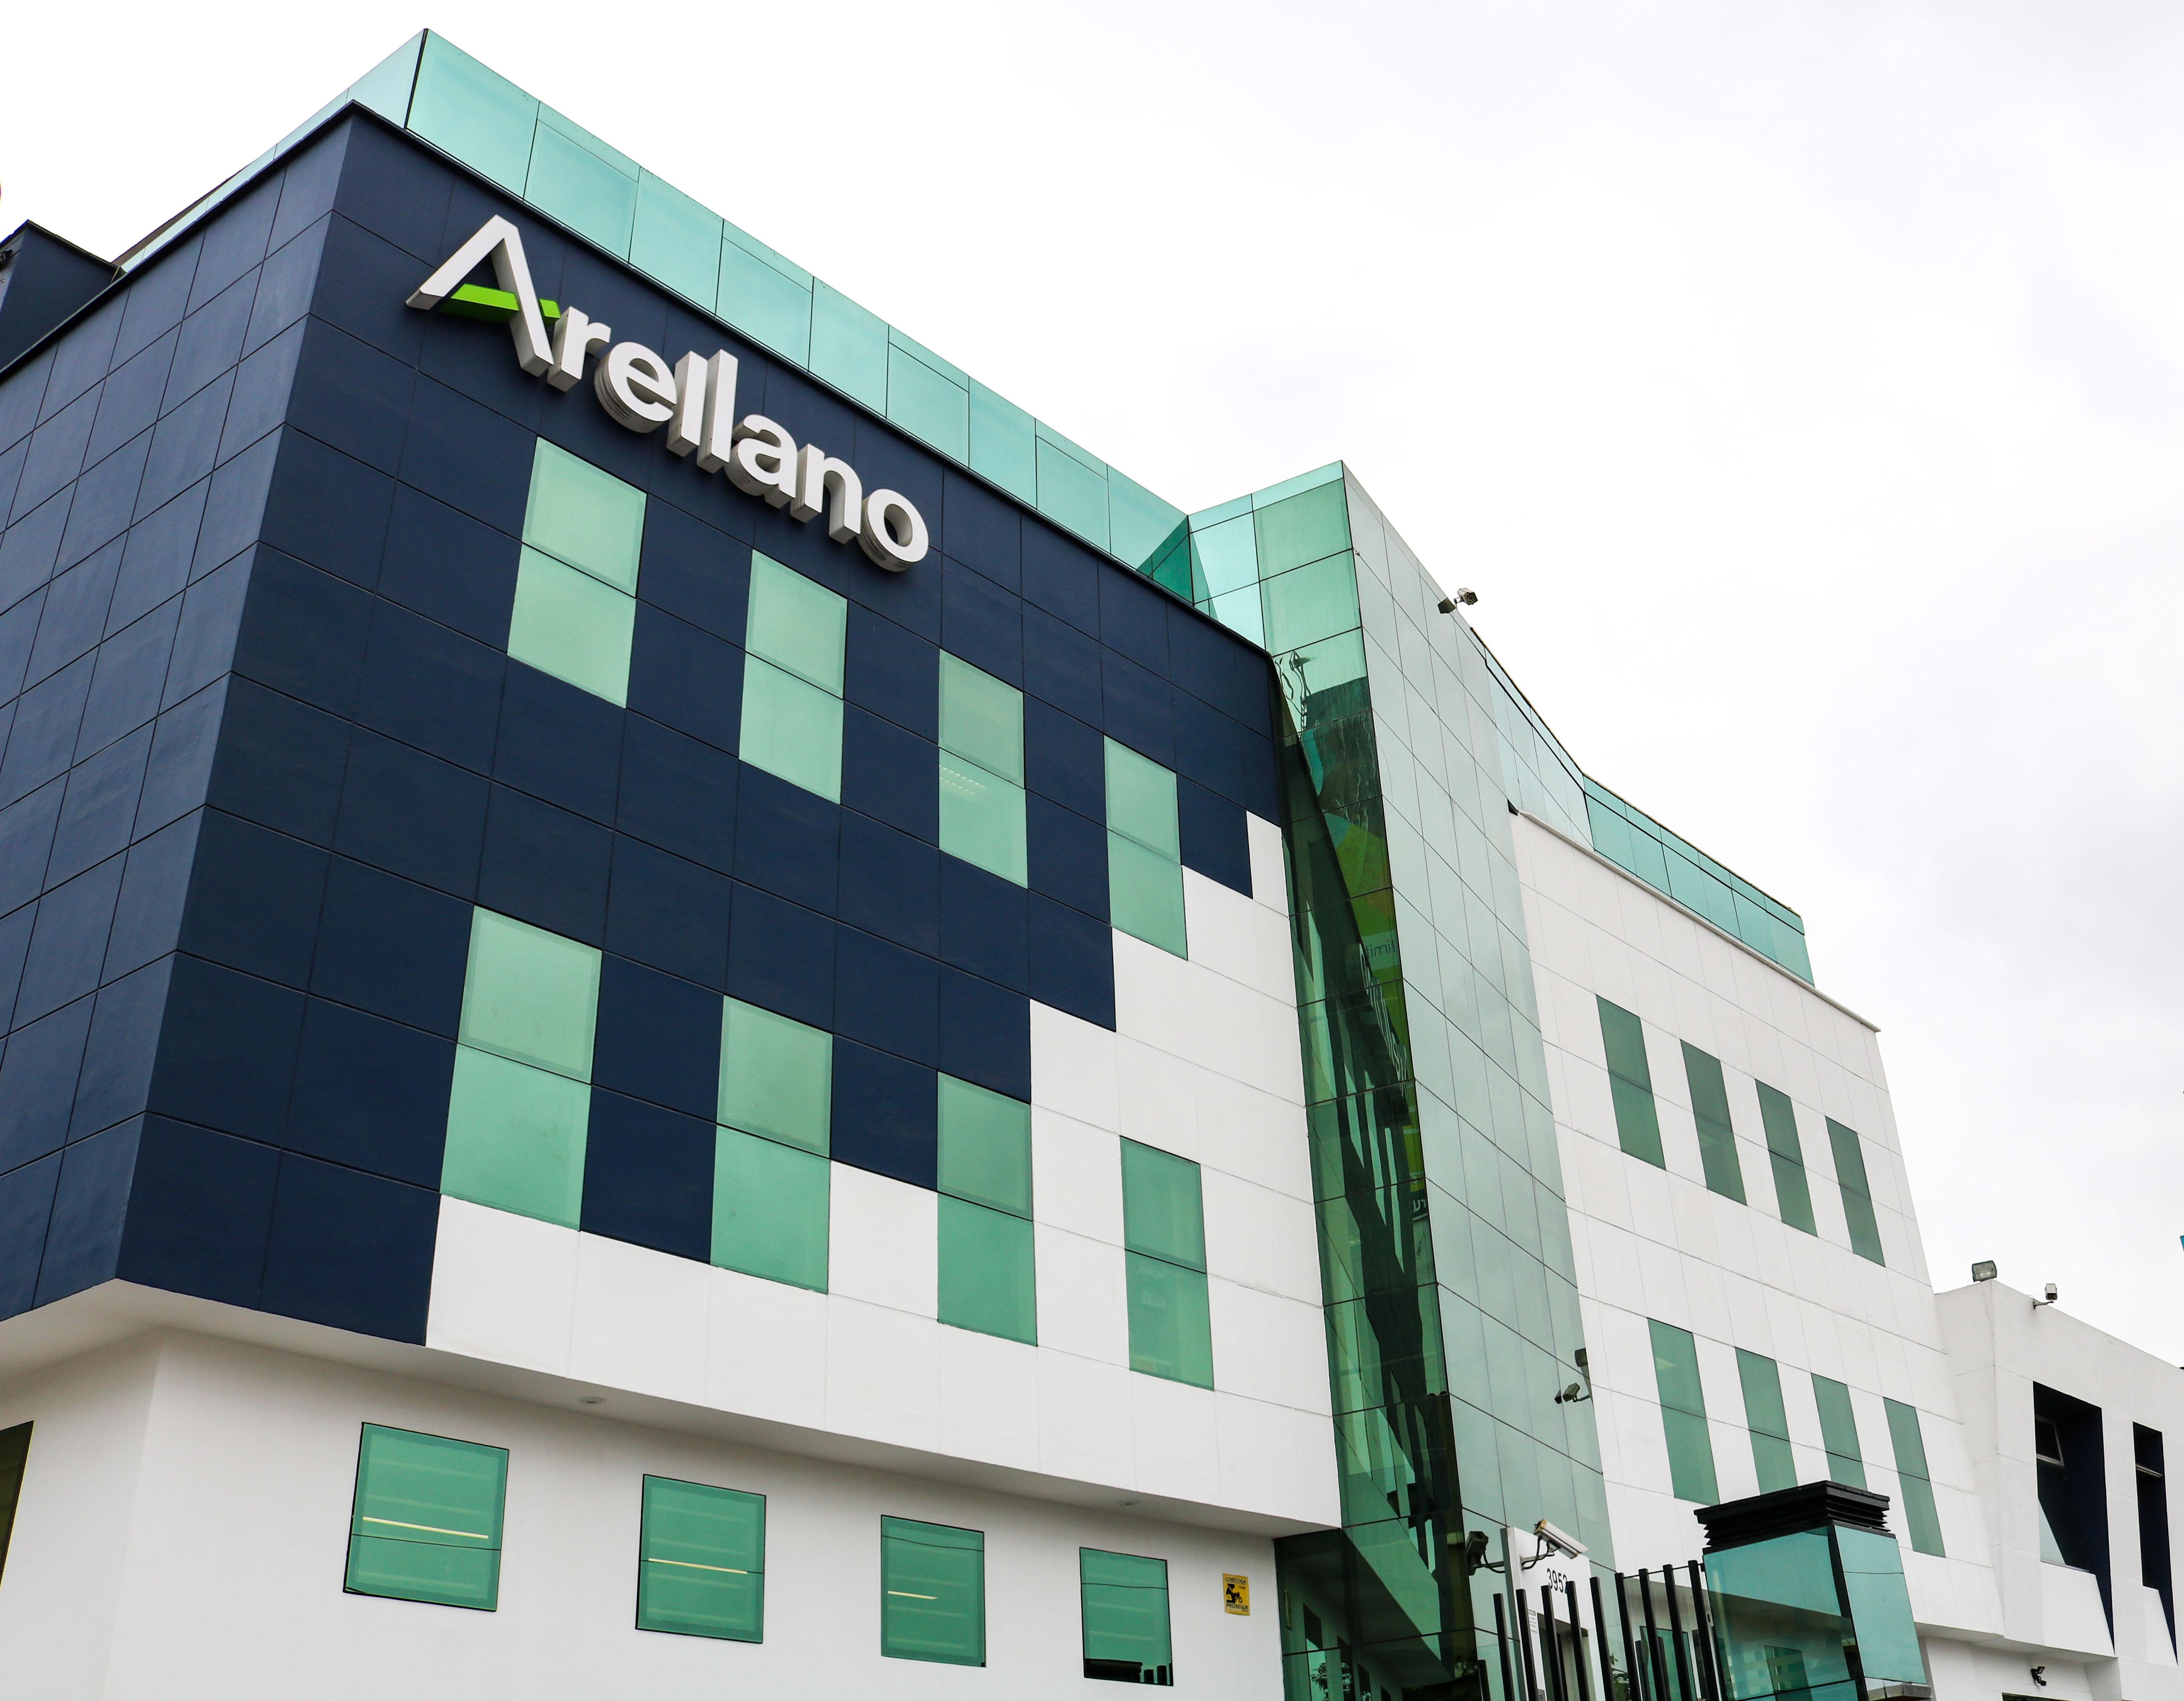 Arellano Marketing ahora es consultora ARELLANO